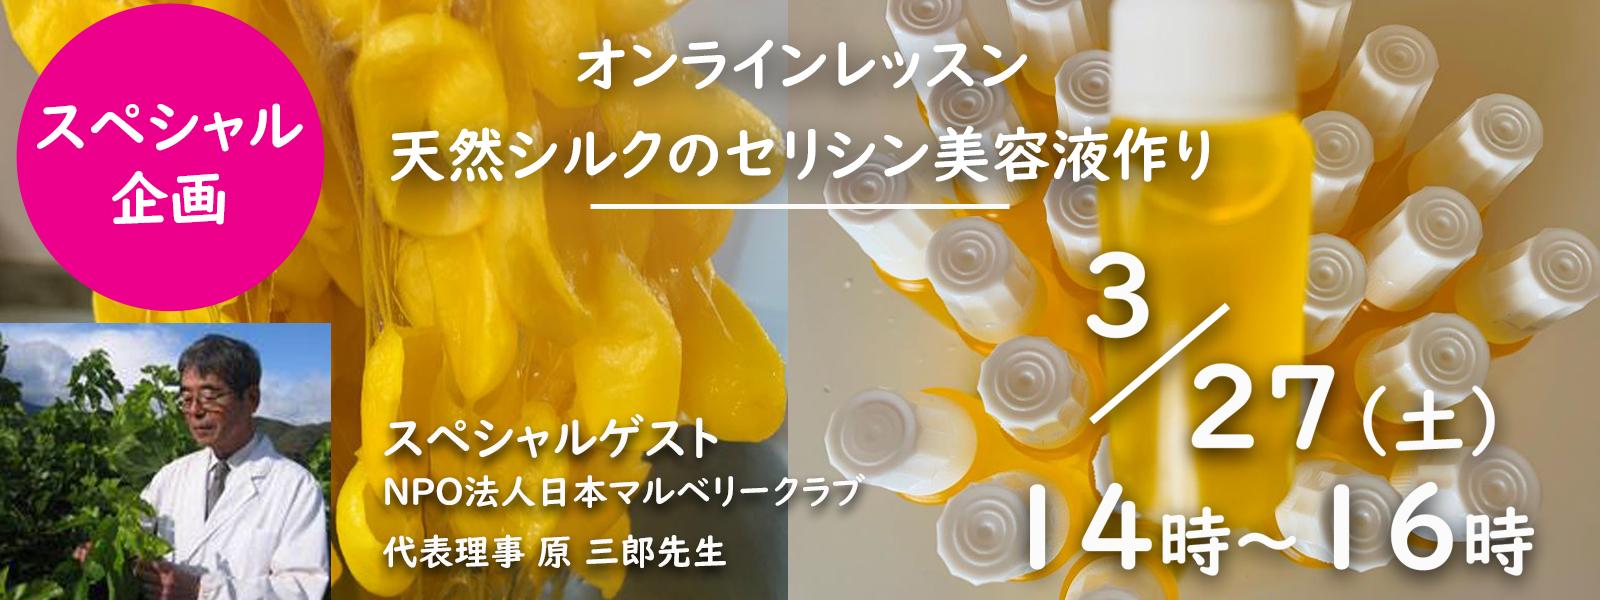 オンラインレッスン天然シルクのセリシン美容液